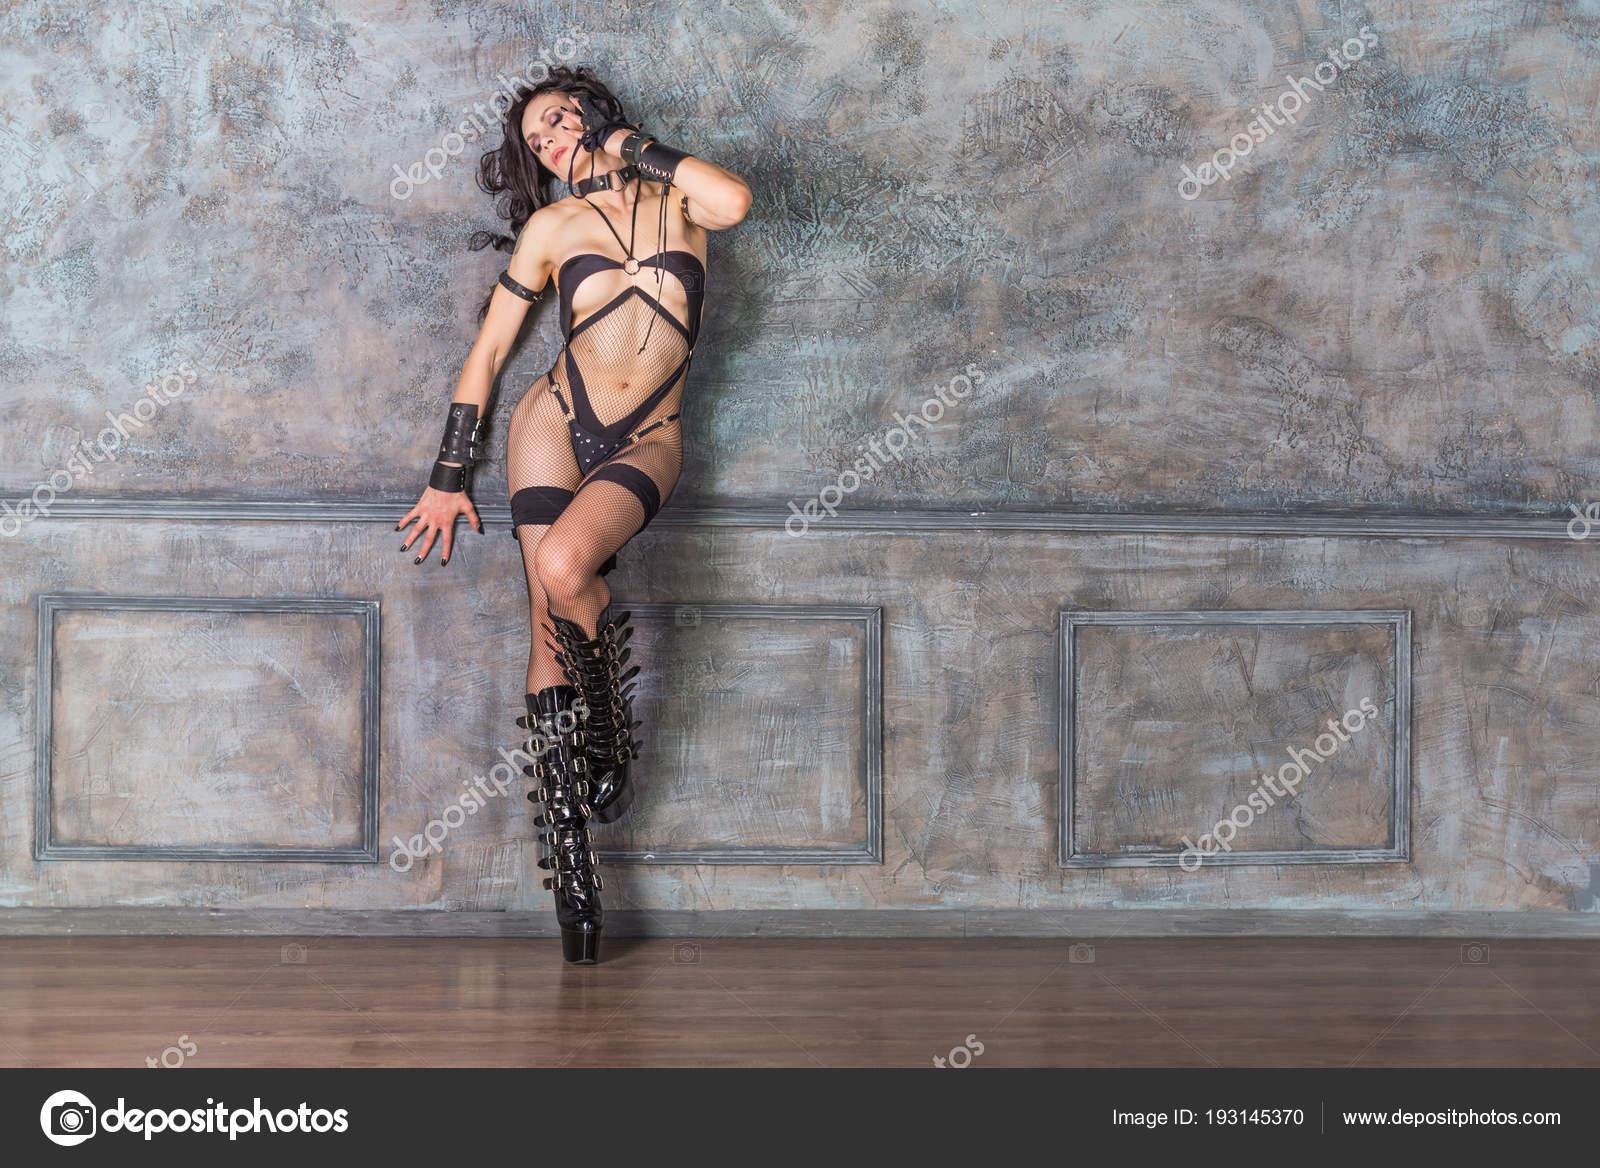 Стерн порно, картинки красивых ног бдсм